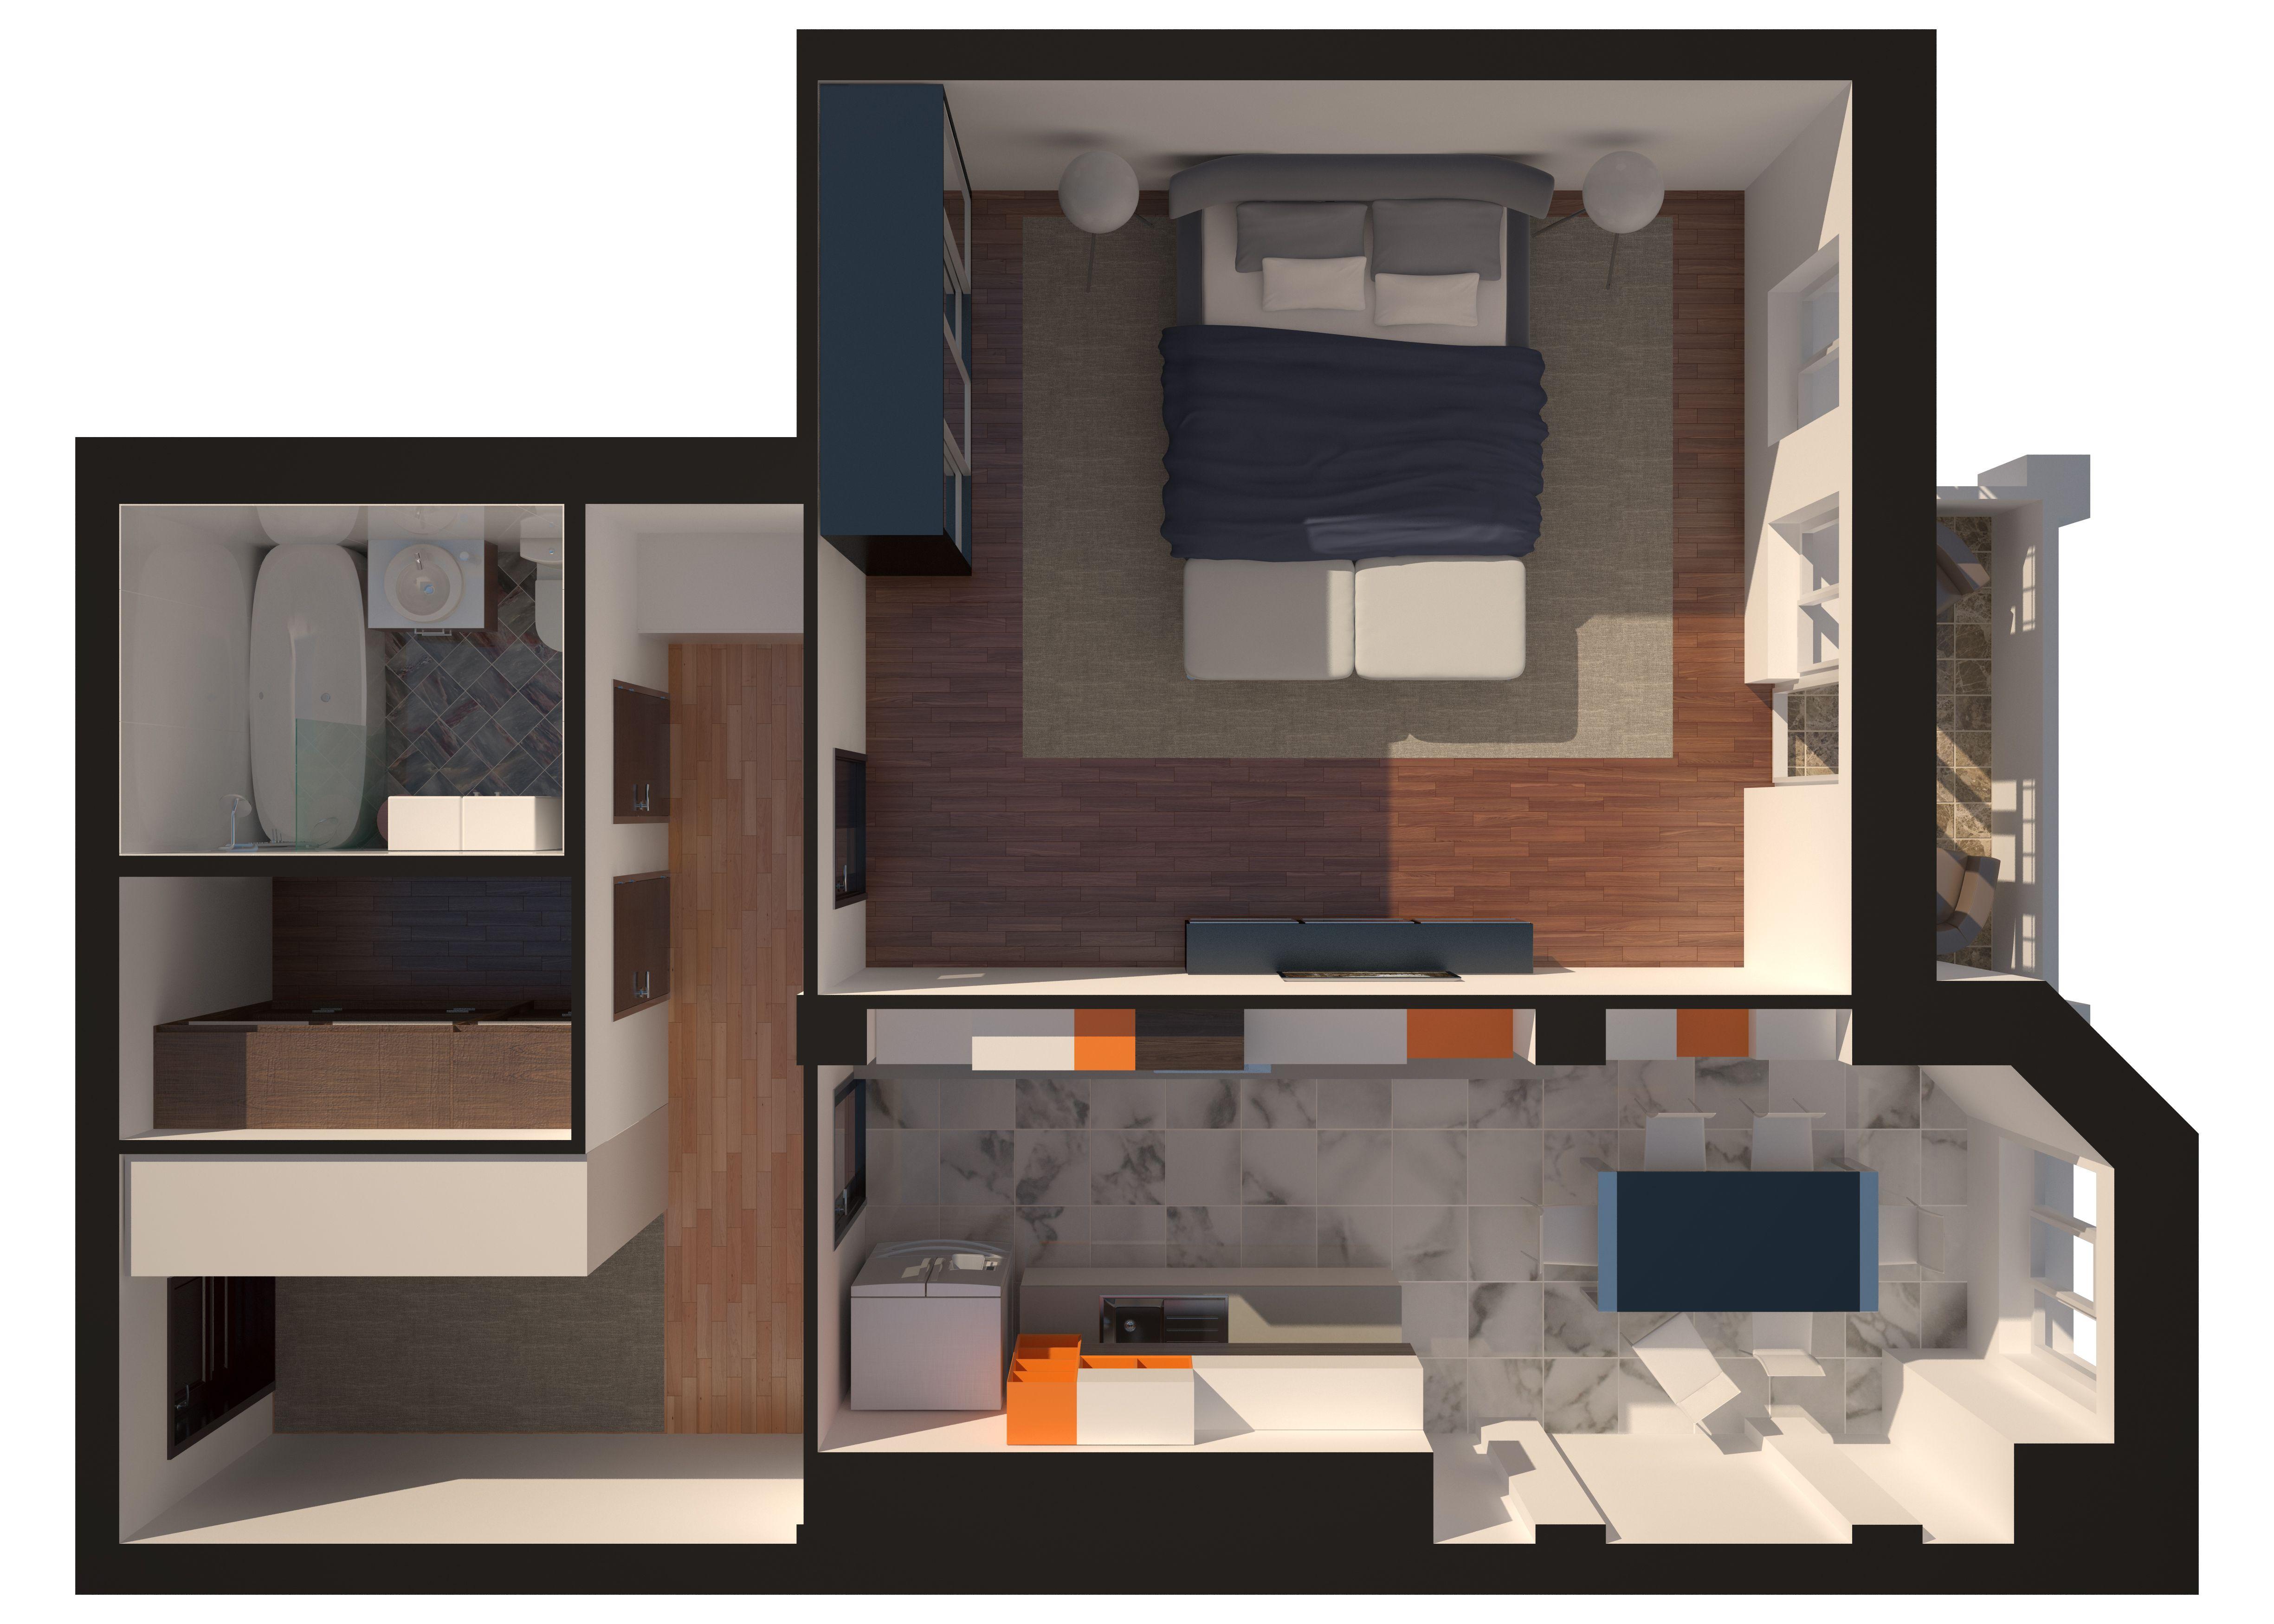 Однокомнатная - Зеленый Мыс Английский дом 4$62342Площадь:74.7m²